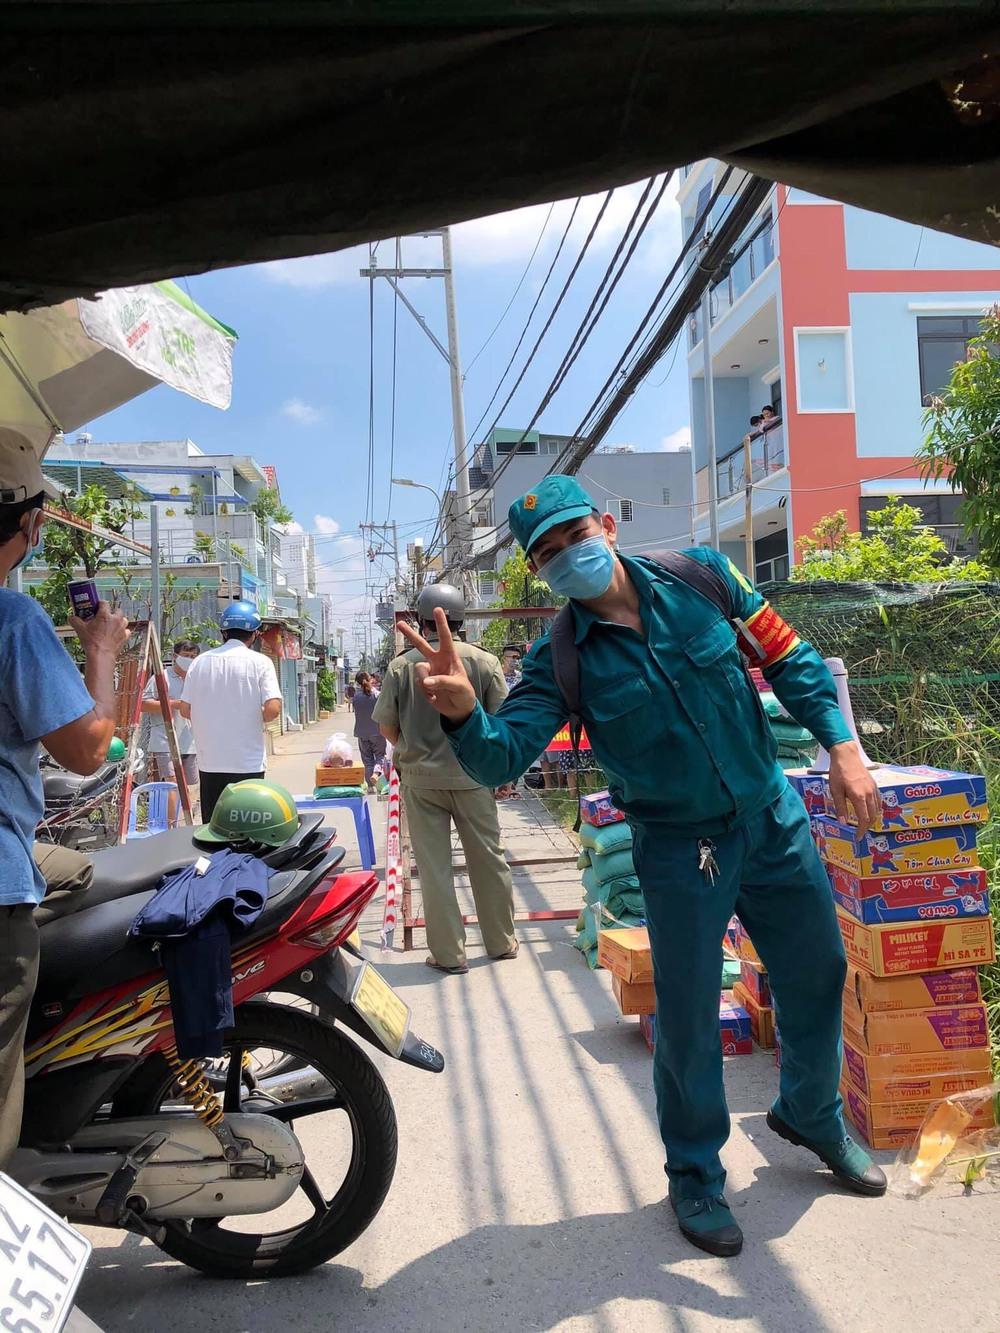 Chàng dân quân tự nhận là cây treo nước biển chạy bằng cơm - hình ảnh trong trạm y tế khiến MXH rần rần chia sẻ - Ảnh 3.